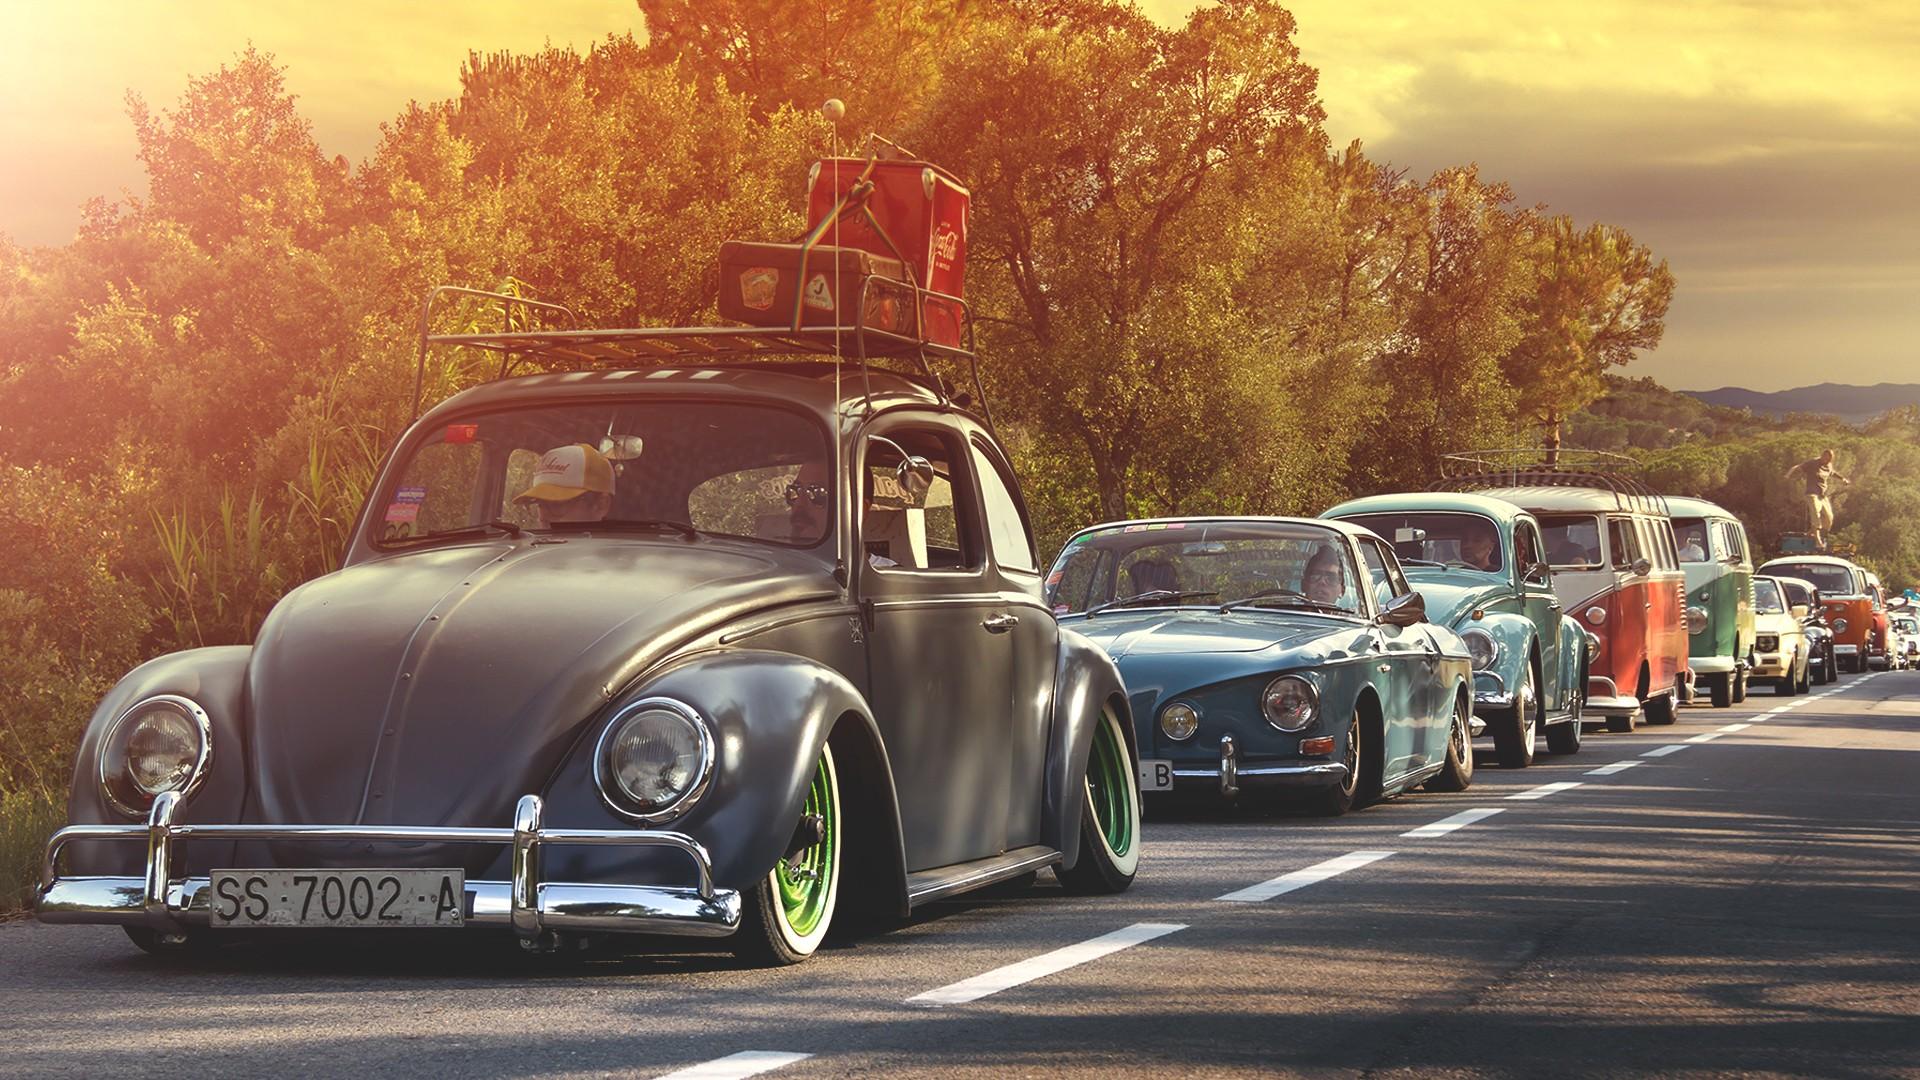 Lowrider Car Hd Wallpaper Wallpaper Carros Antigos Hd Ma17 Ivango